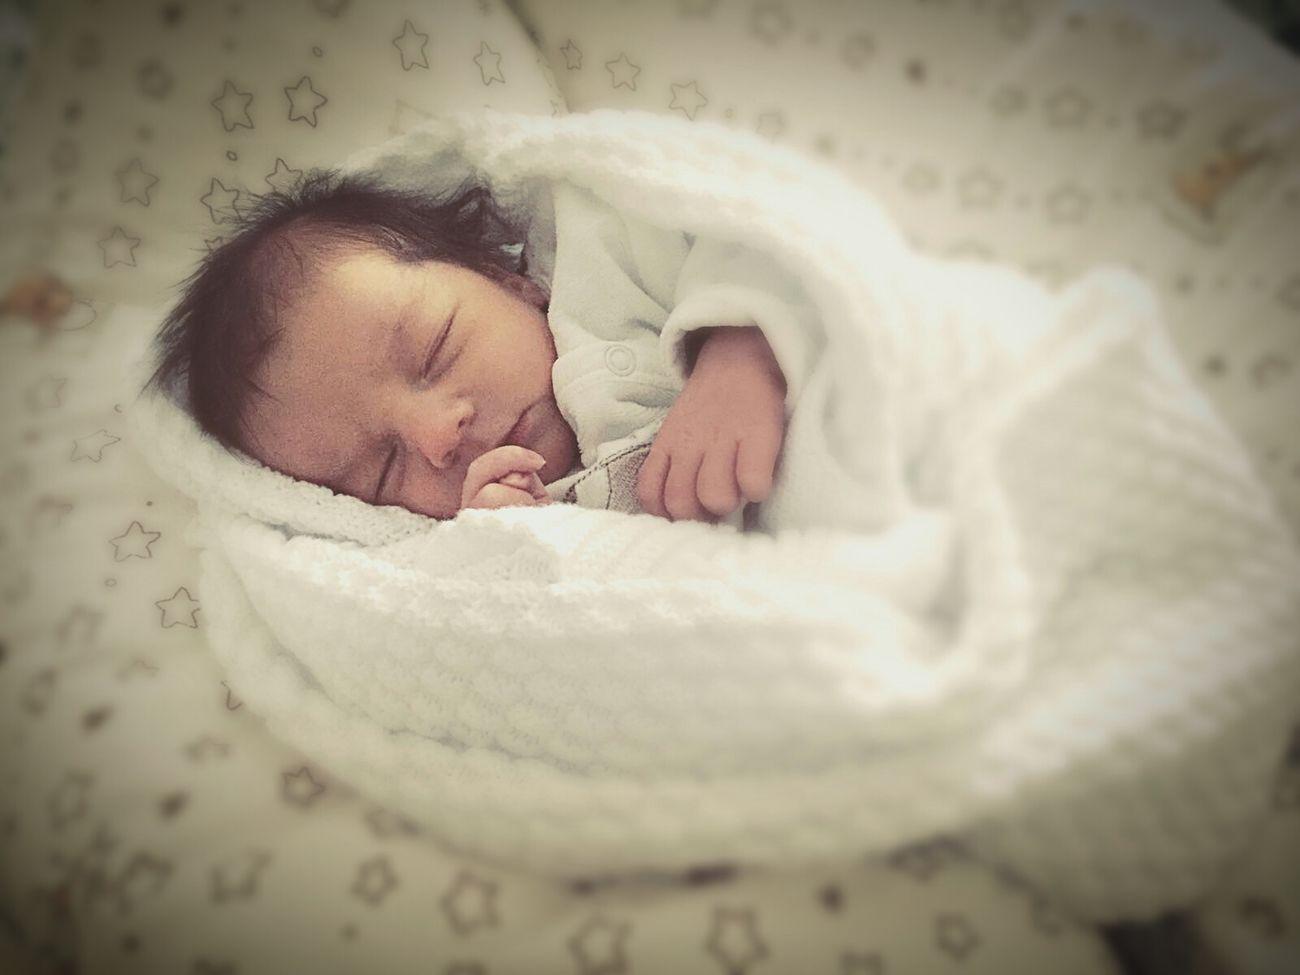 wir lieben dich ganz doll, kleiner Colin 😙 @baby@little @birthday @selfmade